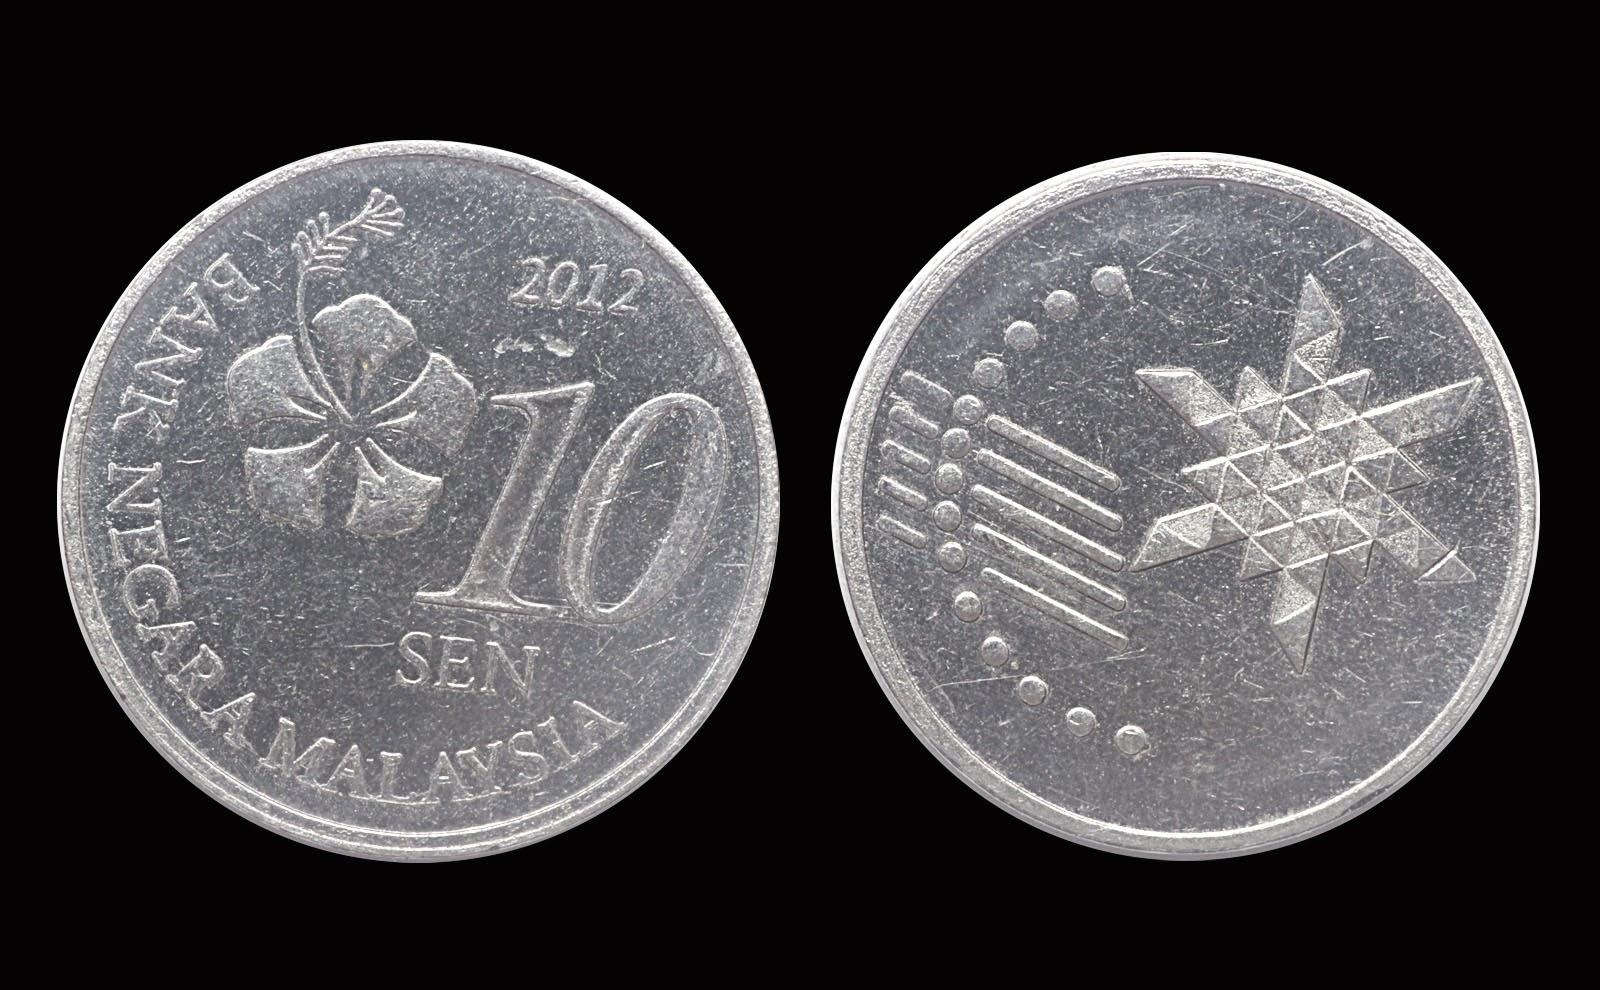 Malaysia 10 sen 2012 coin